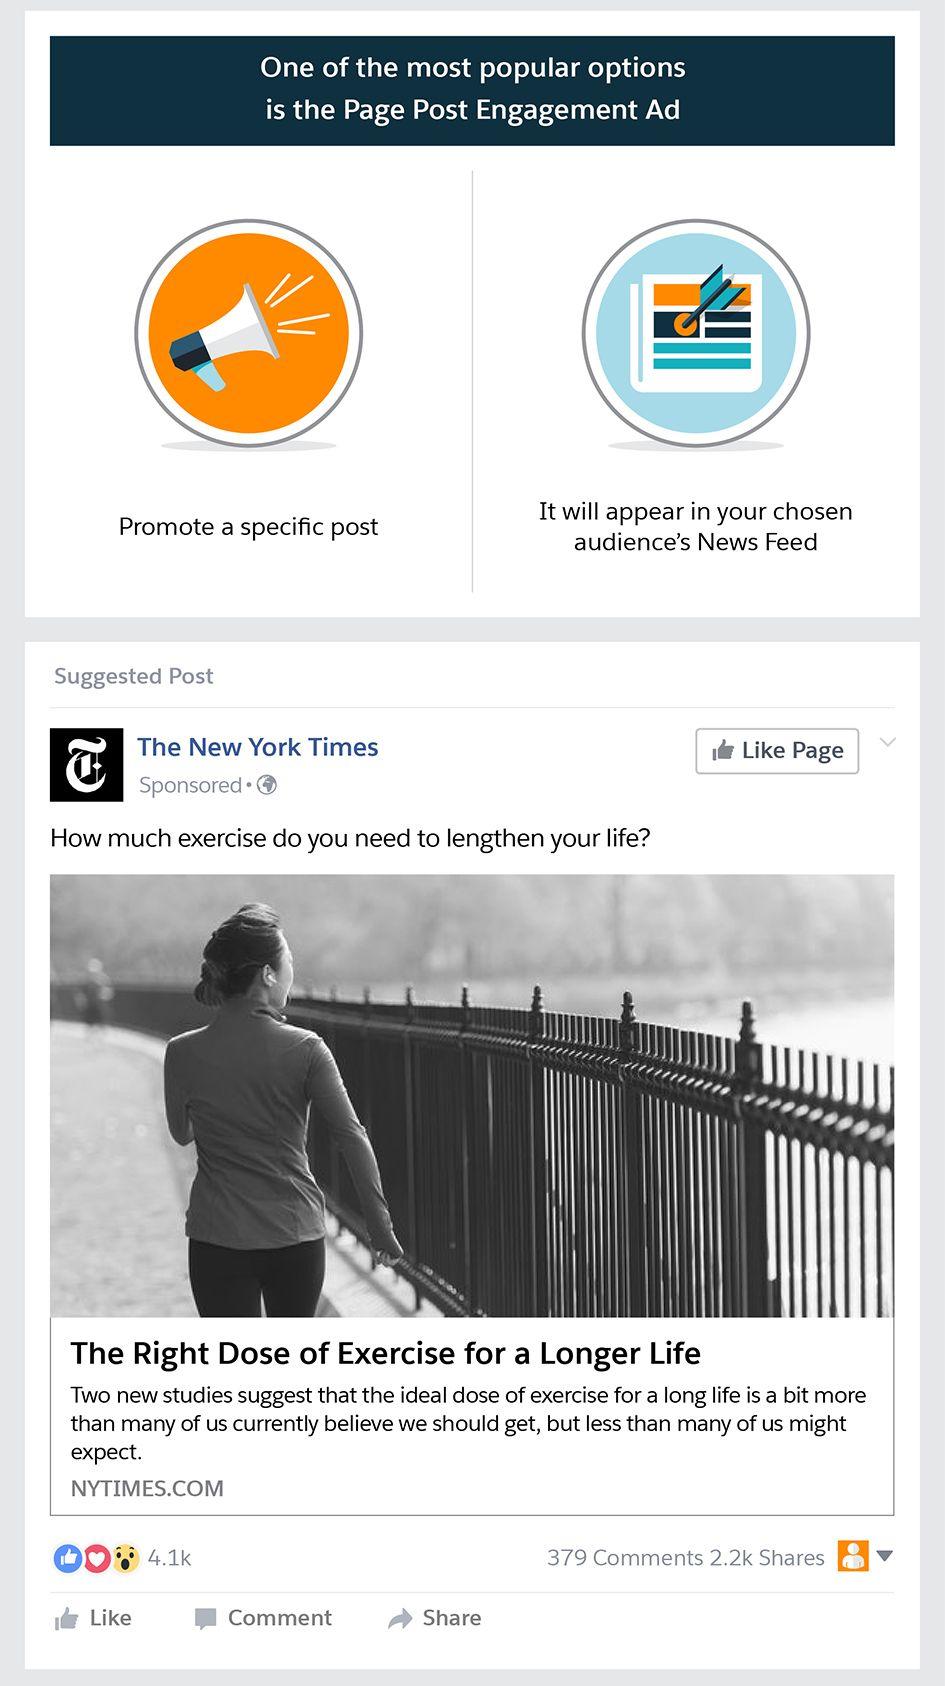 cum-creezi-un-ad-de-succes-pe-facebook-2